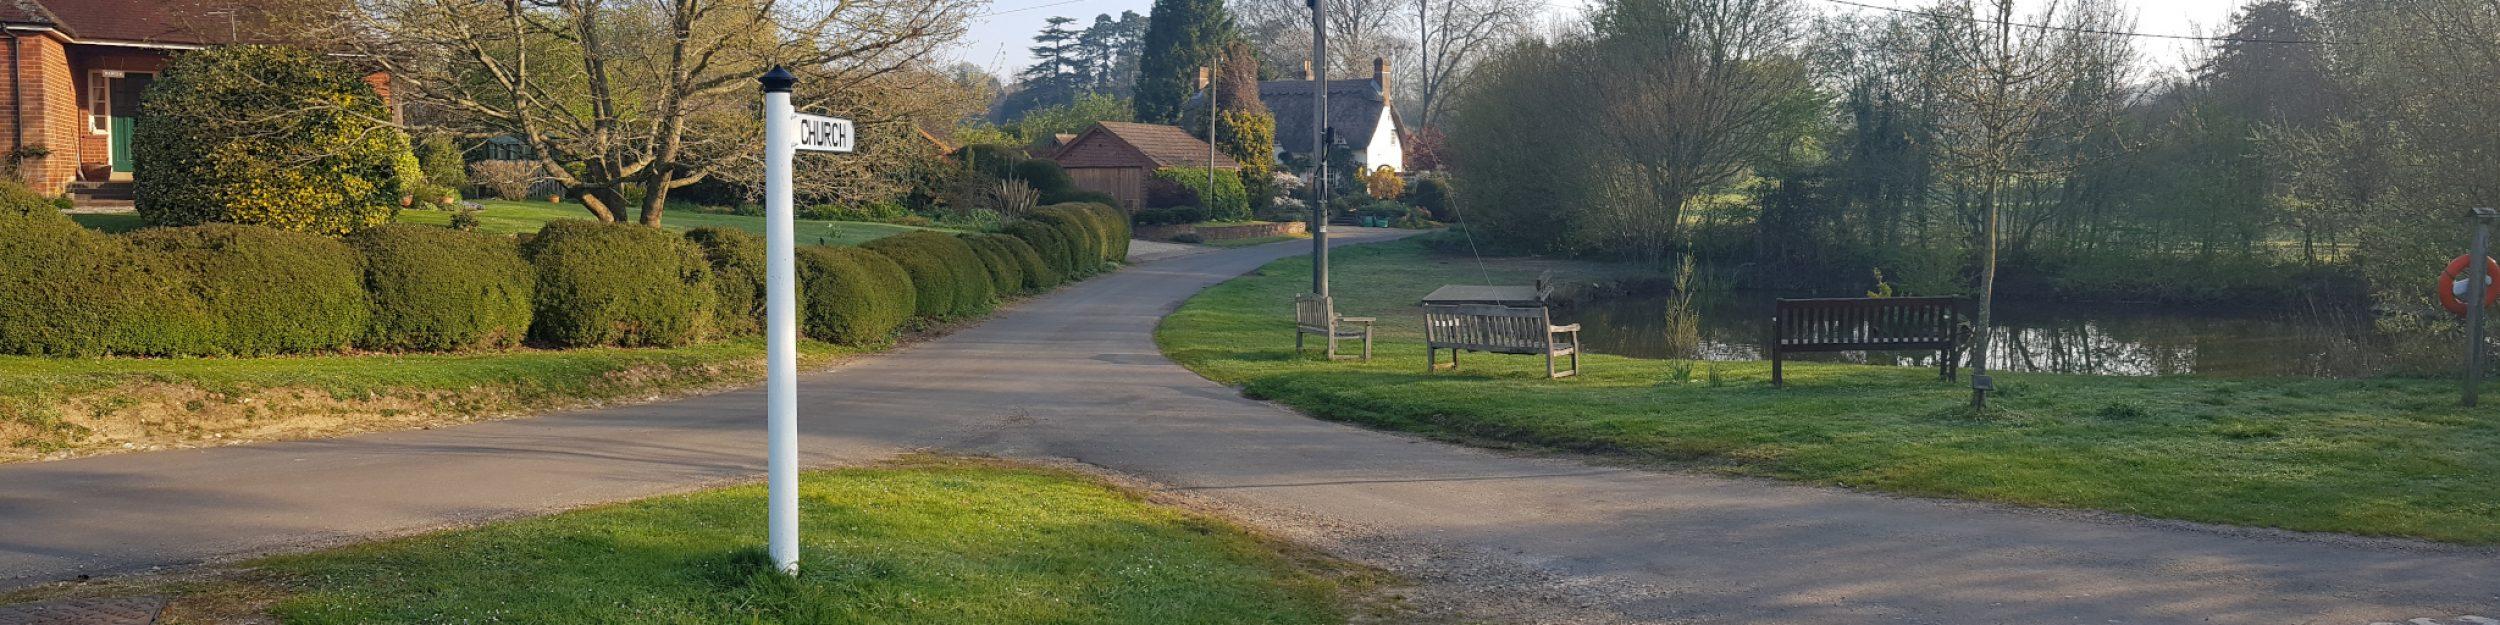 Braishfield Village